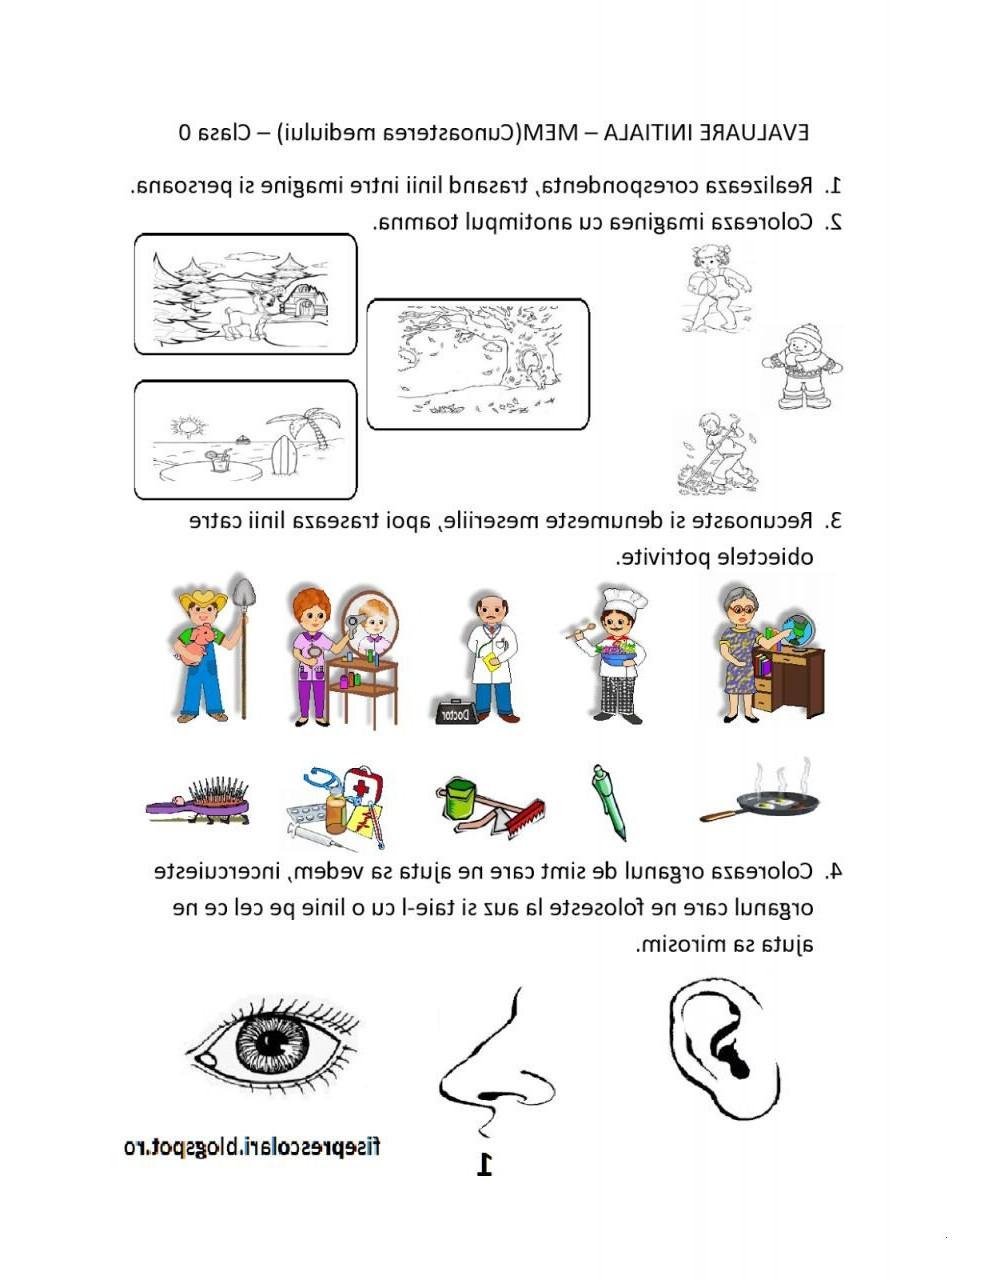 Pippi Langstrumpf Ausmalbilder Neu 22 Fantastisch Ausmalbilder Zum Geburtstag – Malvorlagen Ideen Bild